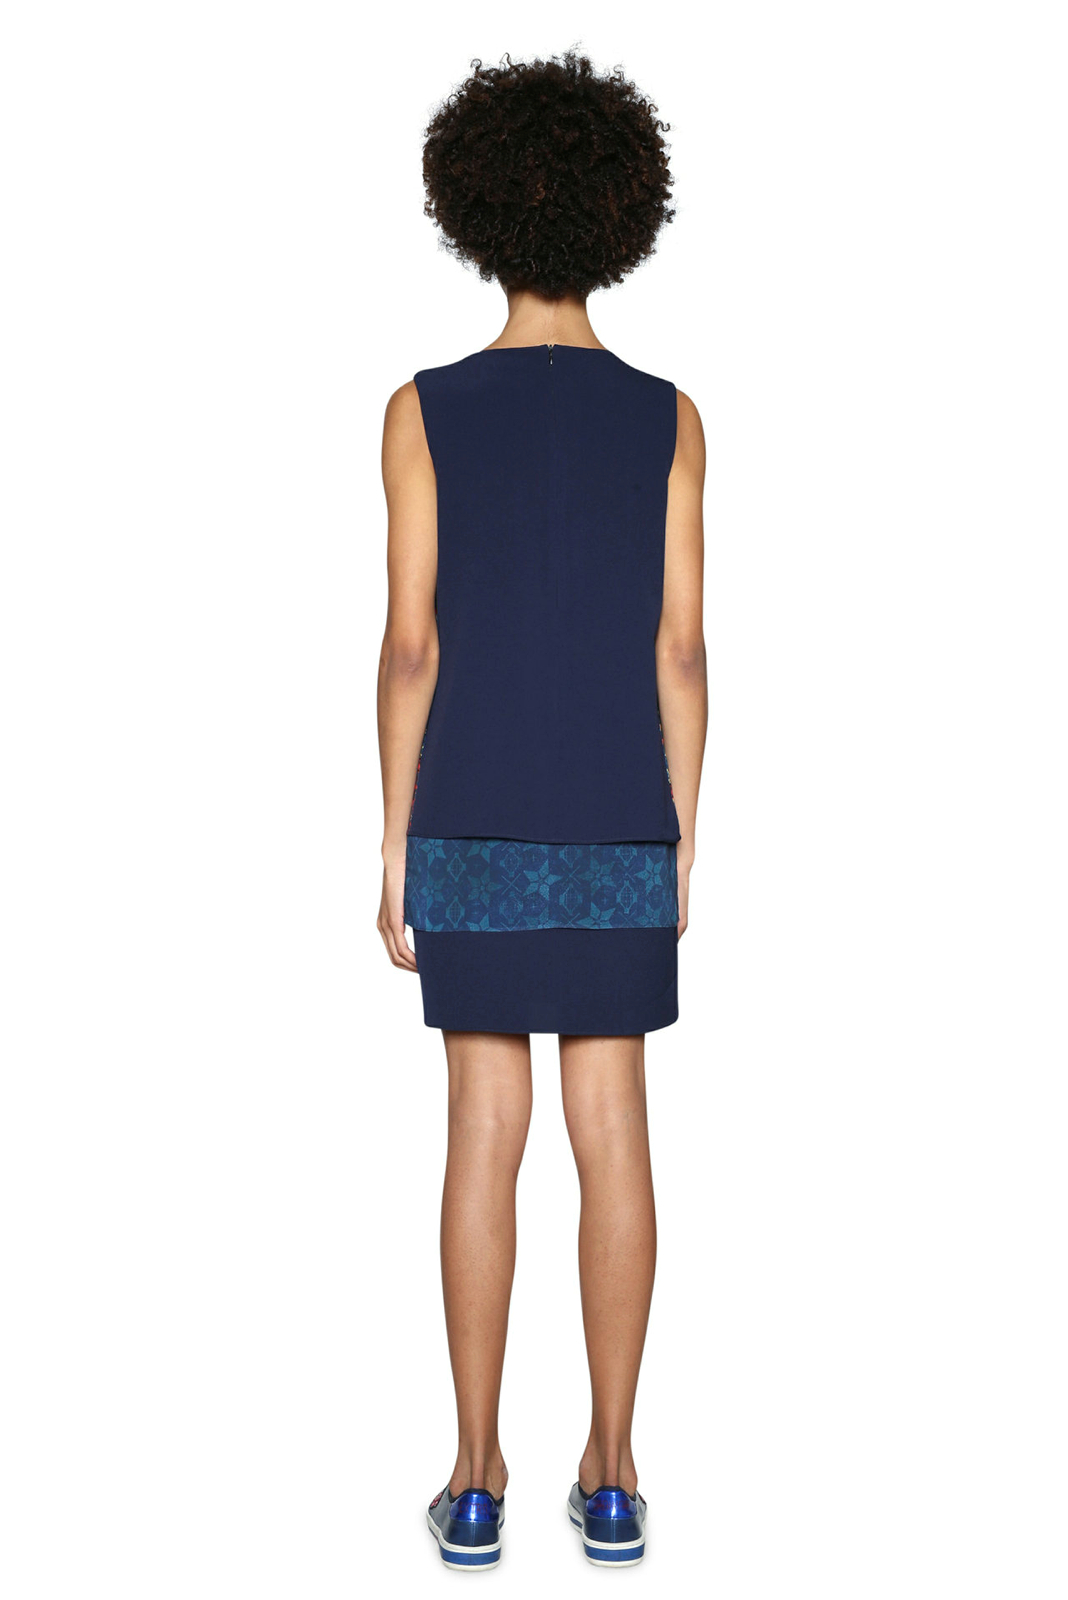 Desigual Dámske šaty Vest Jonatan 18SWVW83 5001. Predchádzajúci  Ďalšie   d27a664bad0